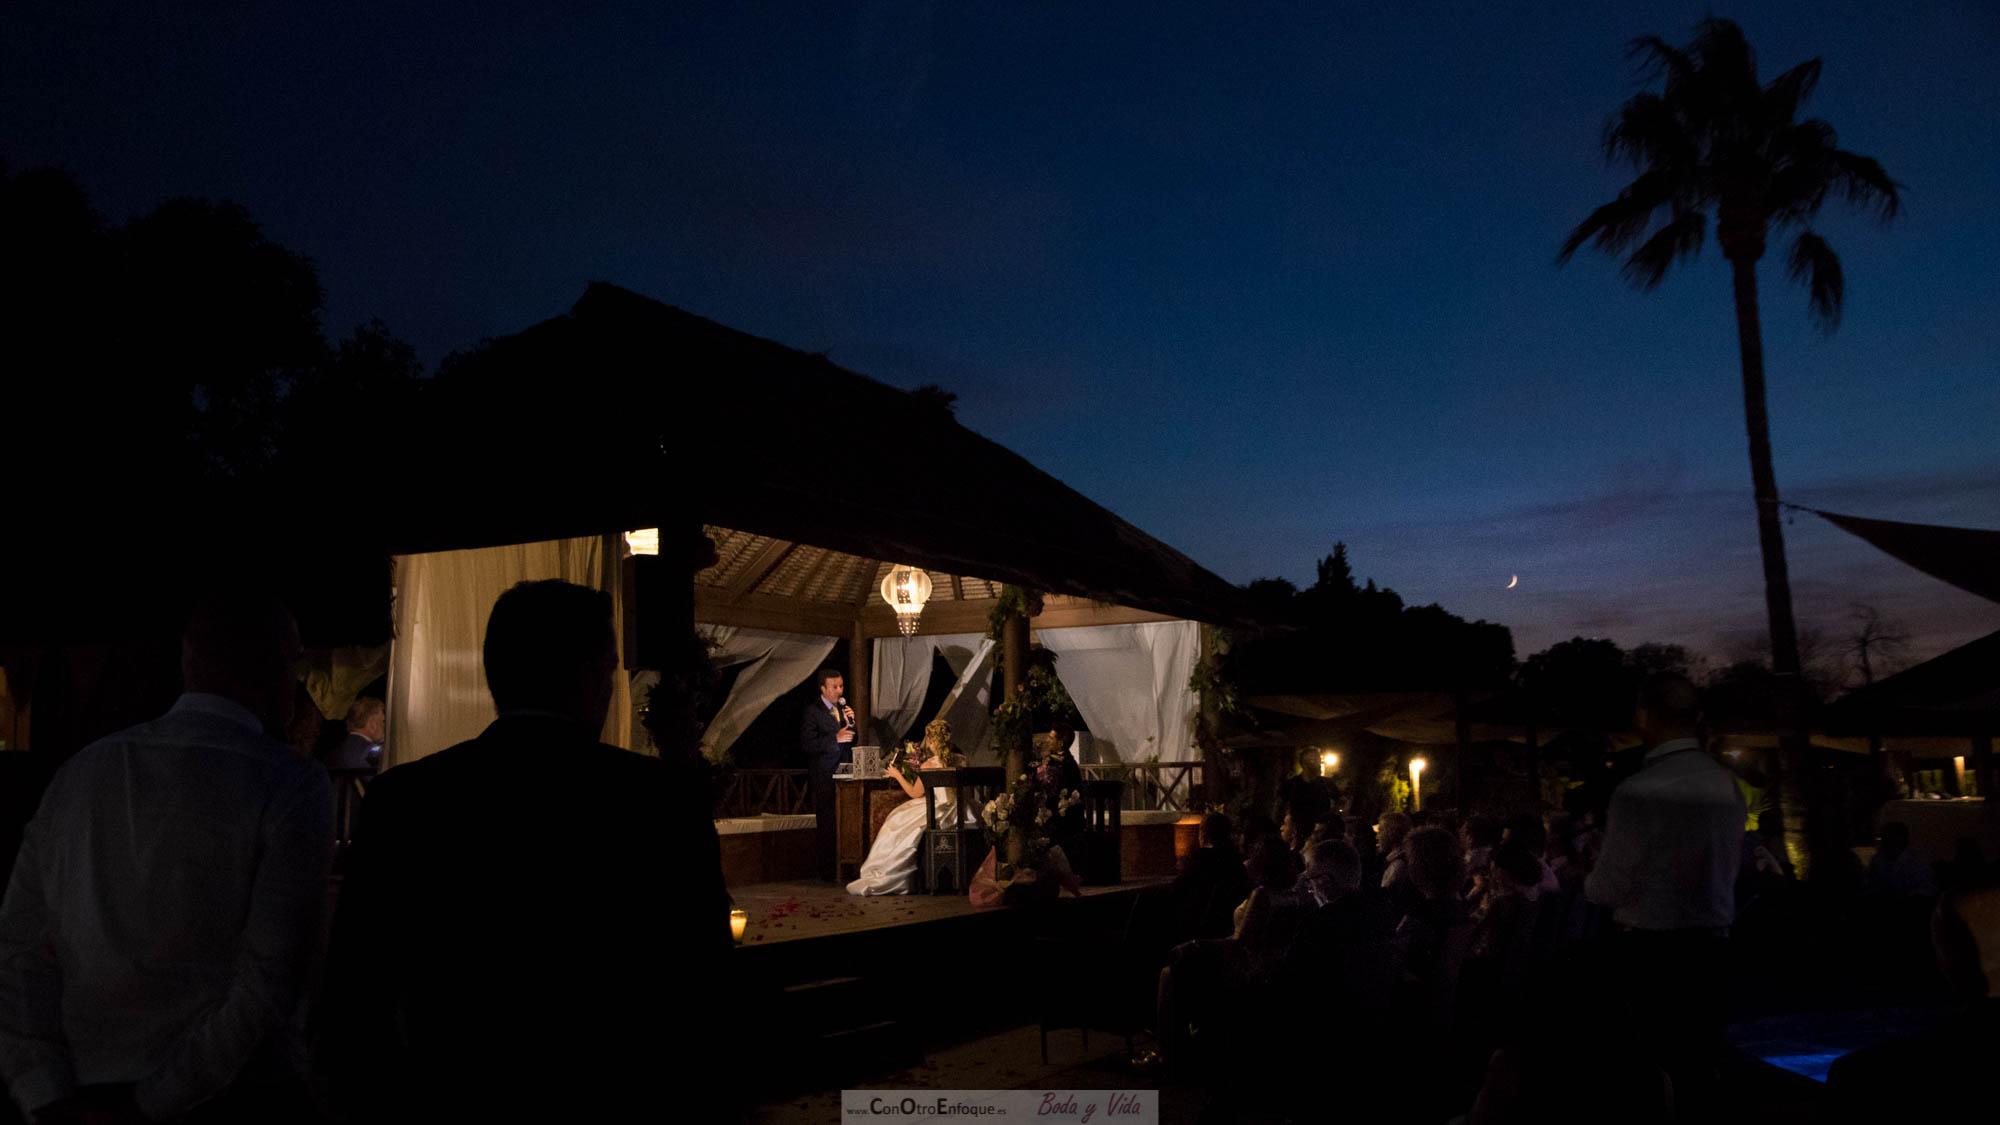 Fotografía de Boda en Valencia. Fotografía nocturna. Boda de noche. Wedding. Spain. bridal. bride